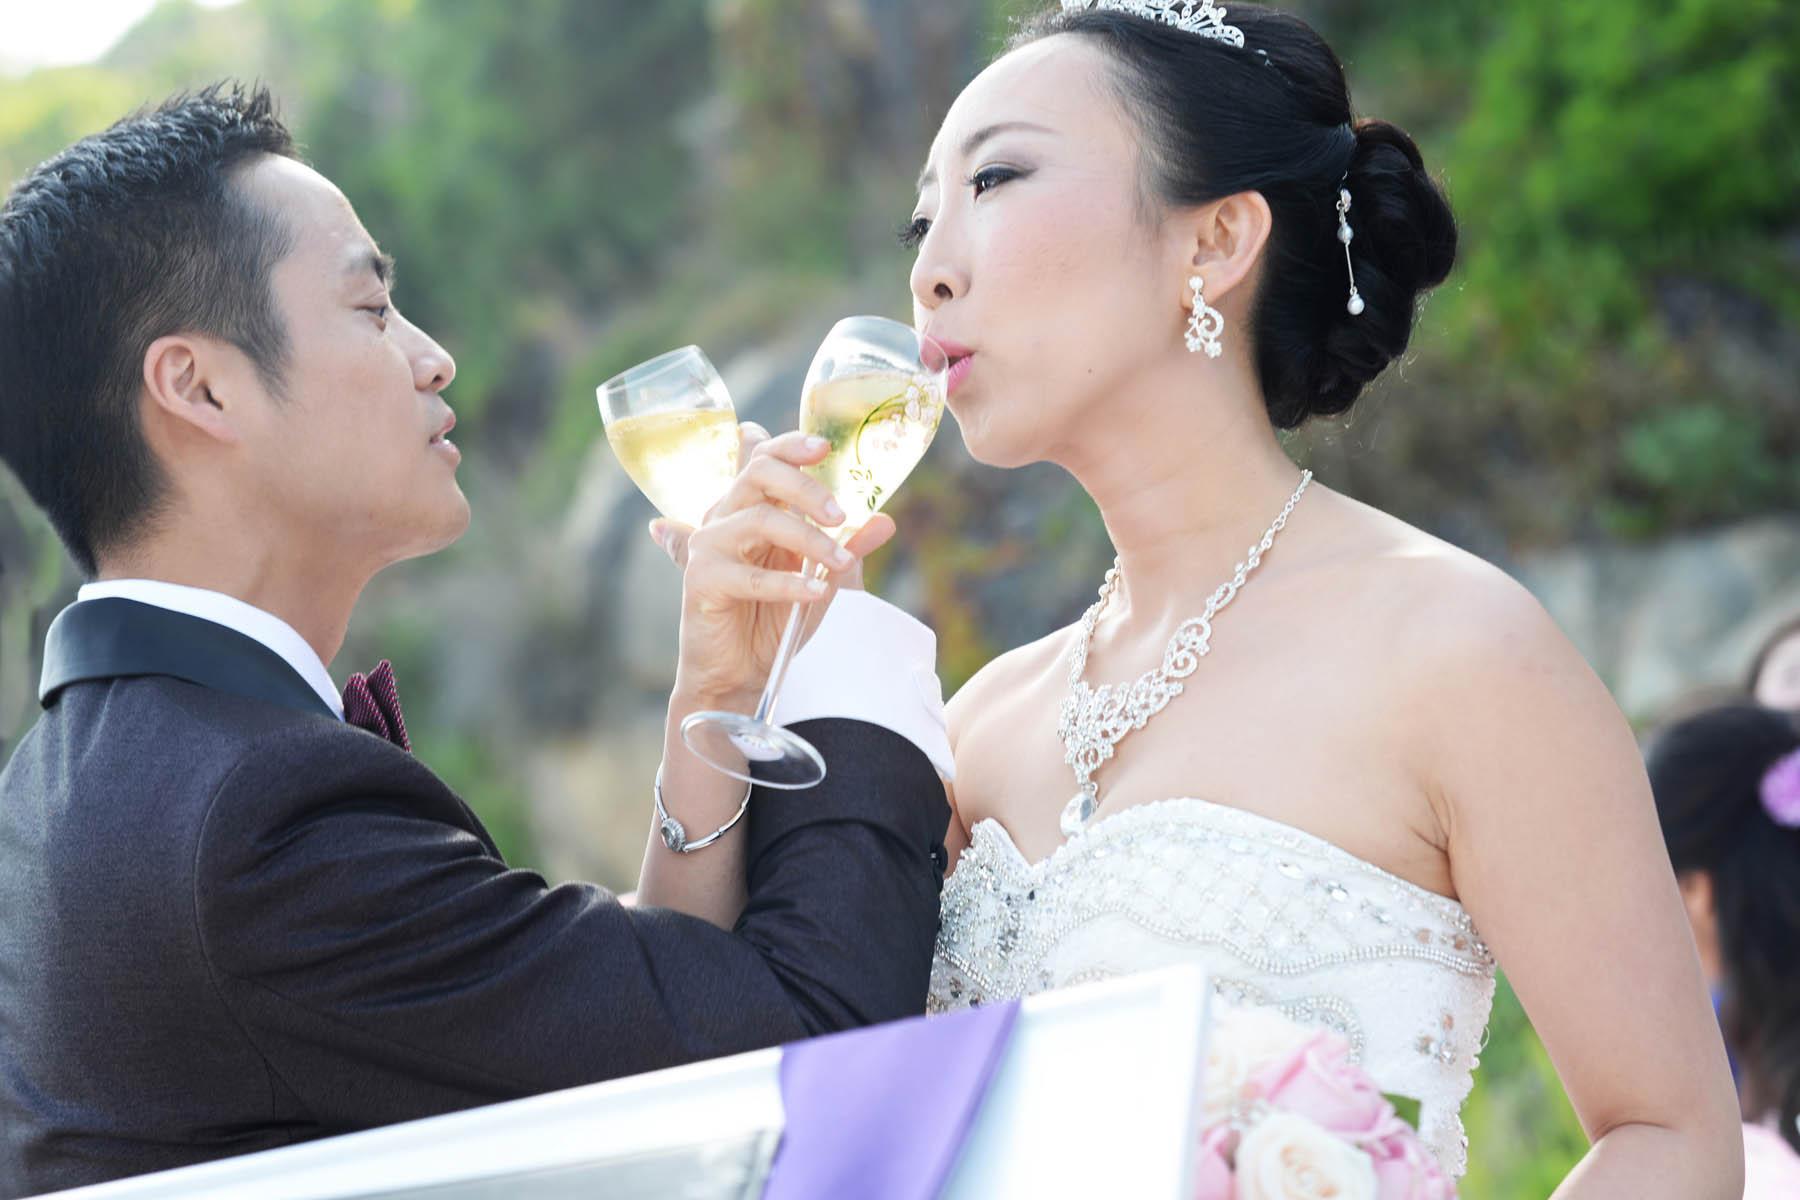 sotogrande bodas asiaticas fotos